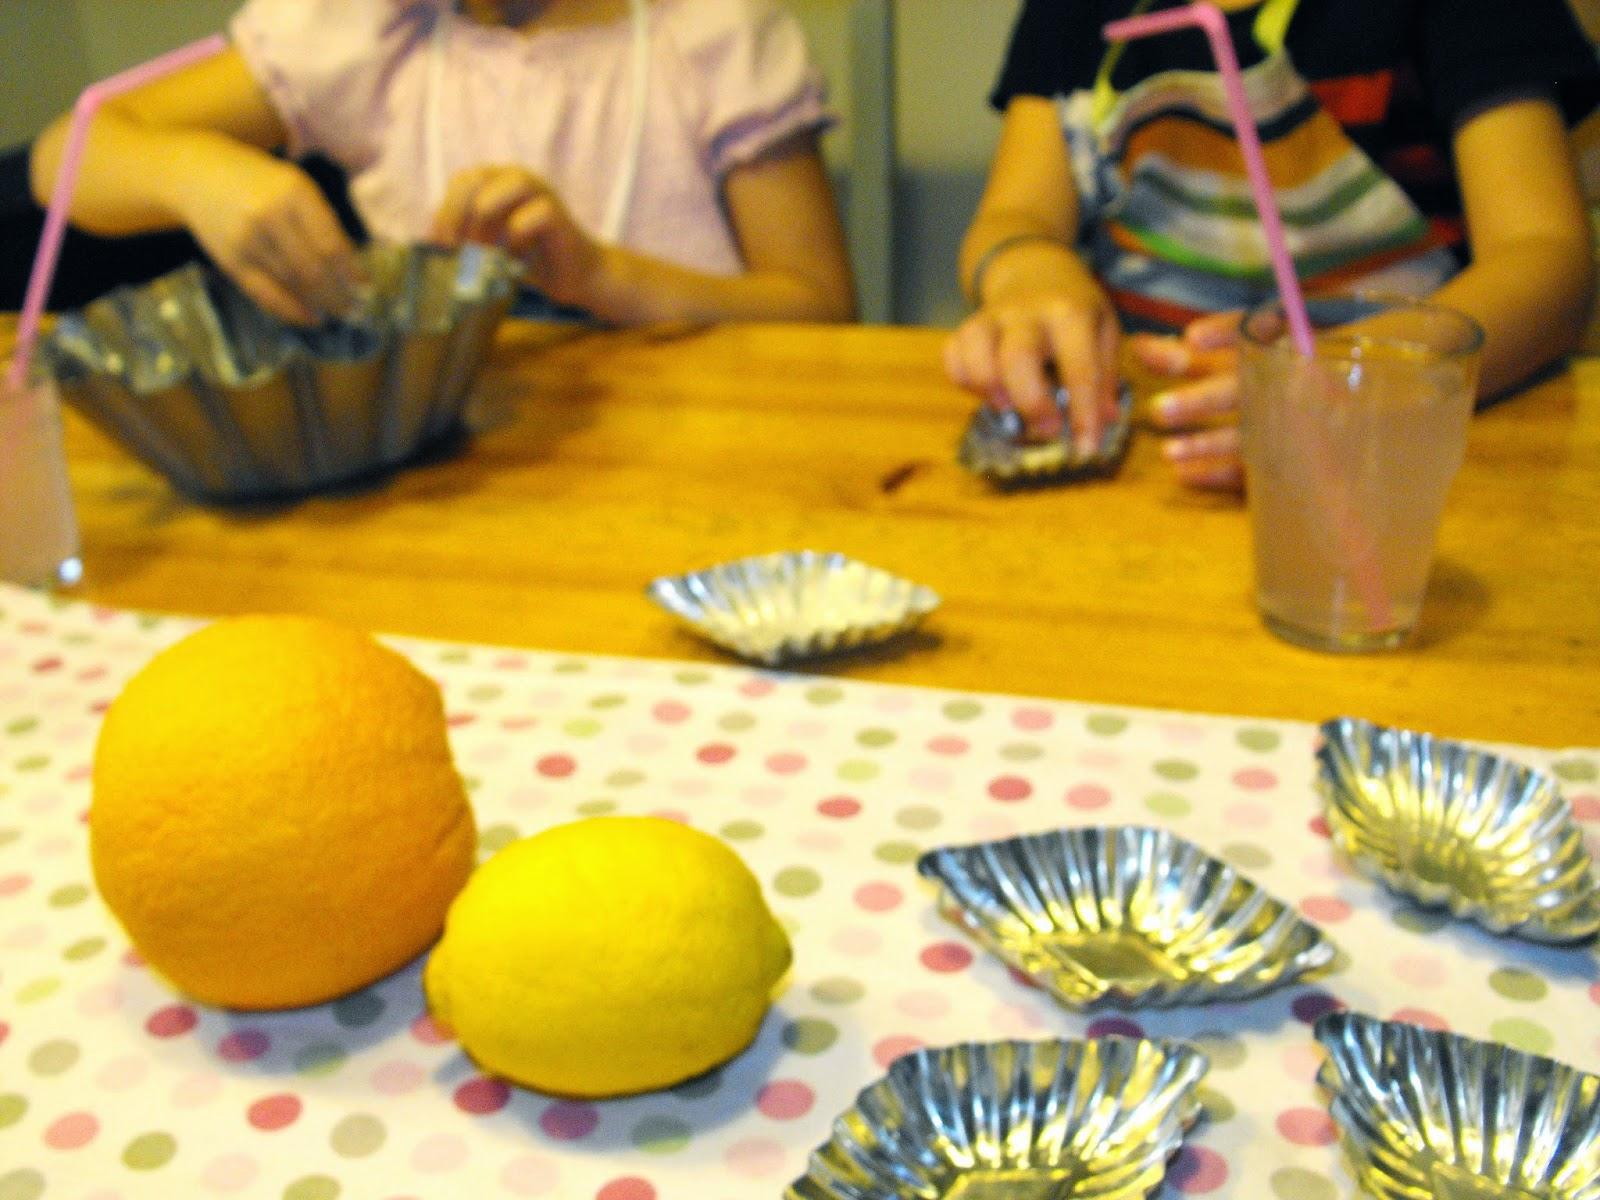 Baka med barnen, Sösdala, citronpaj, sockerkaka, apelsin